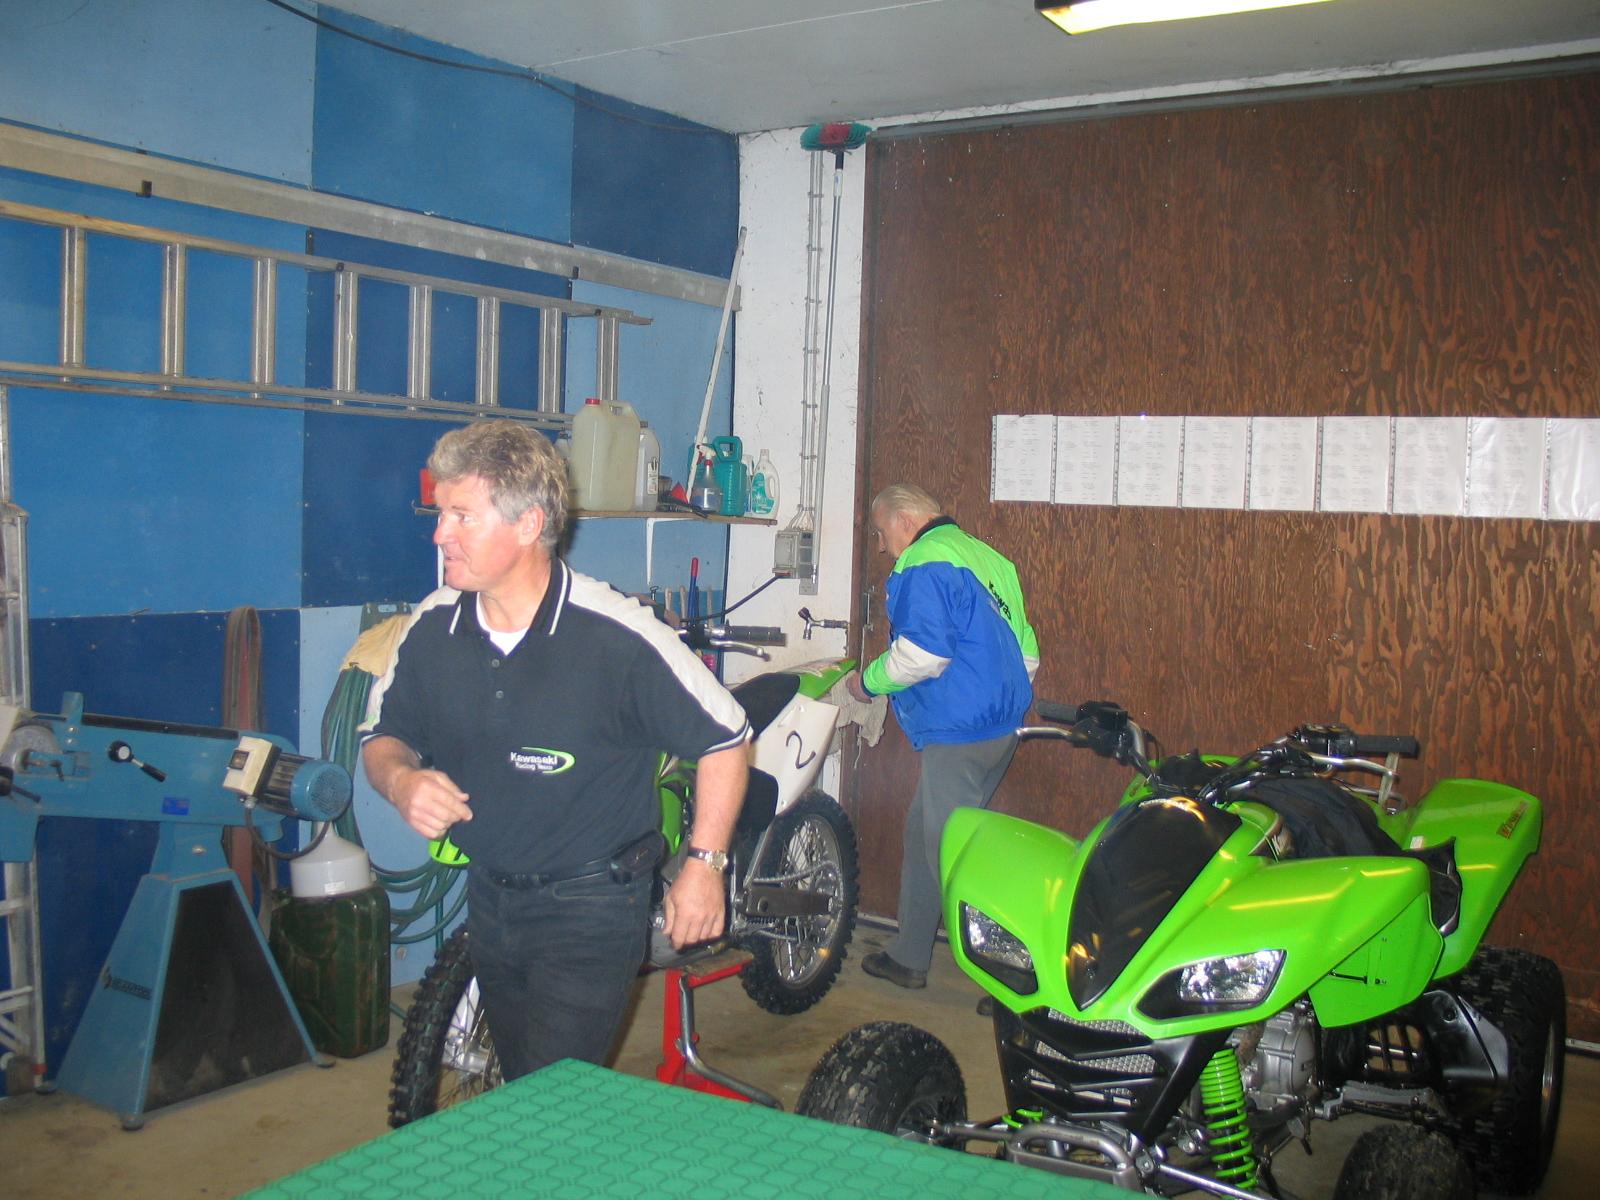 Finn Thomsen har travlt, han skal ud at køre Quad og sønnen Raymond skal køre mc.